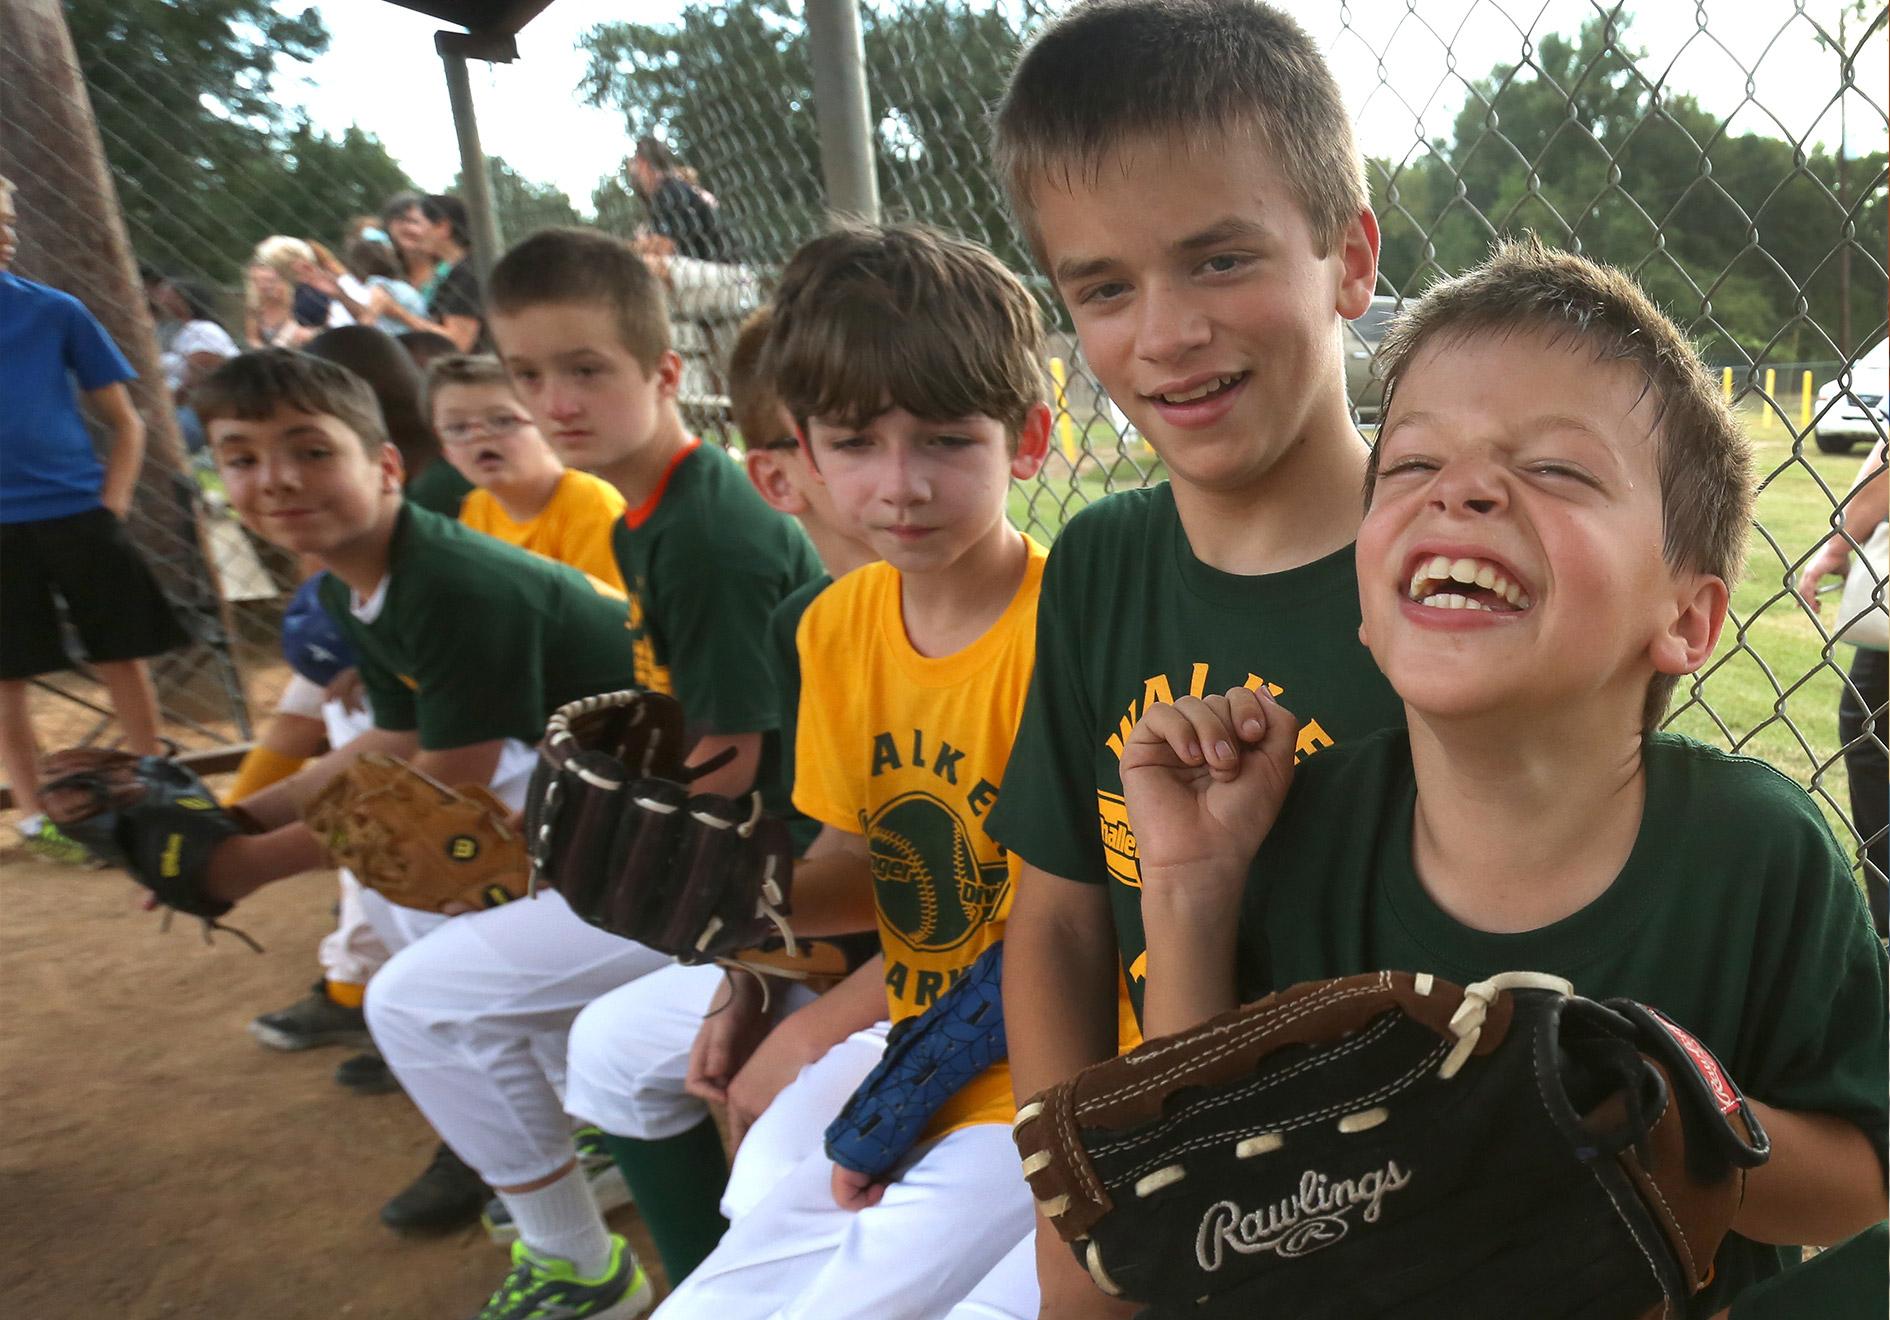 Children at Challenger's Field